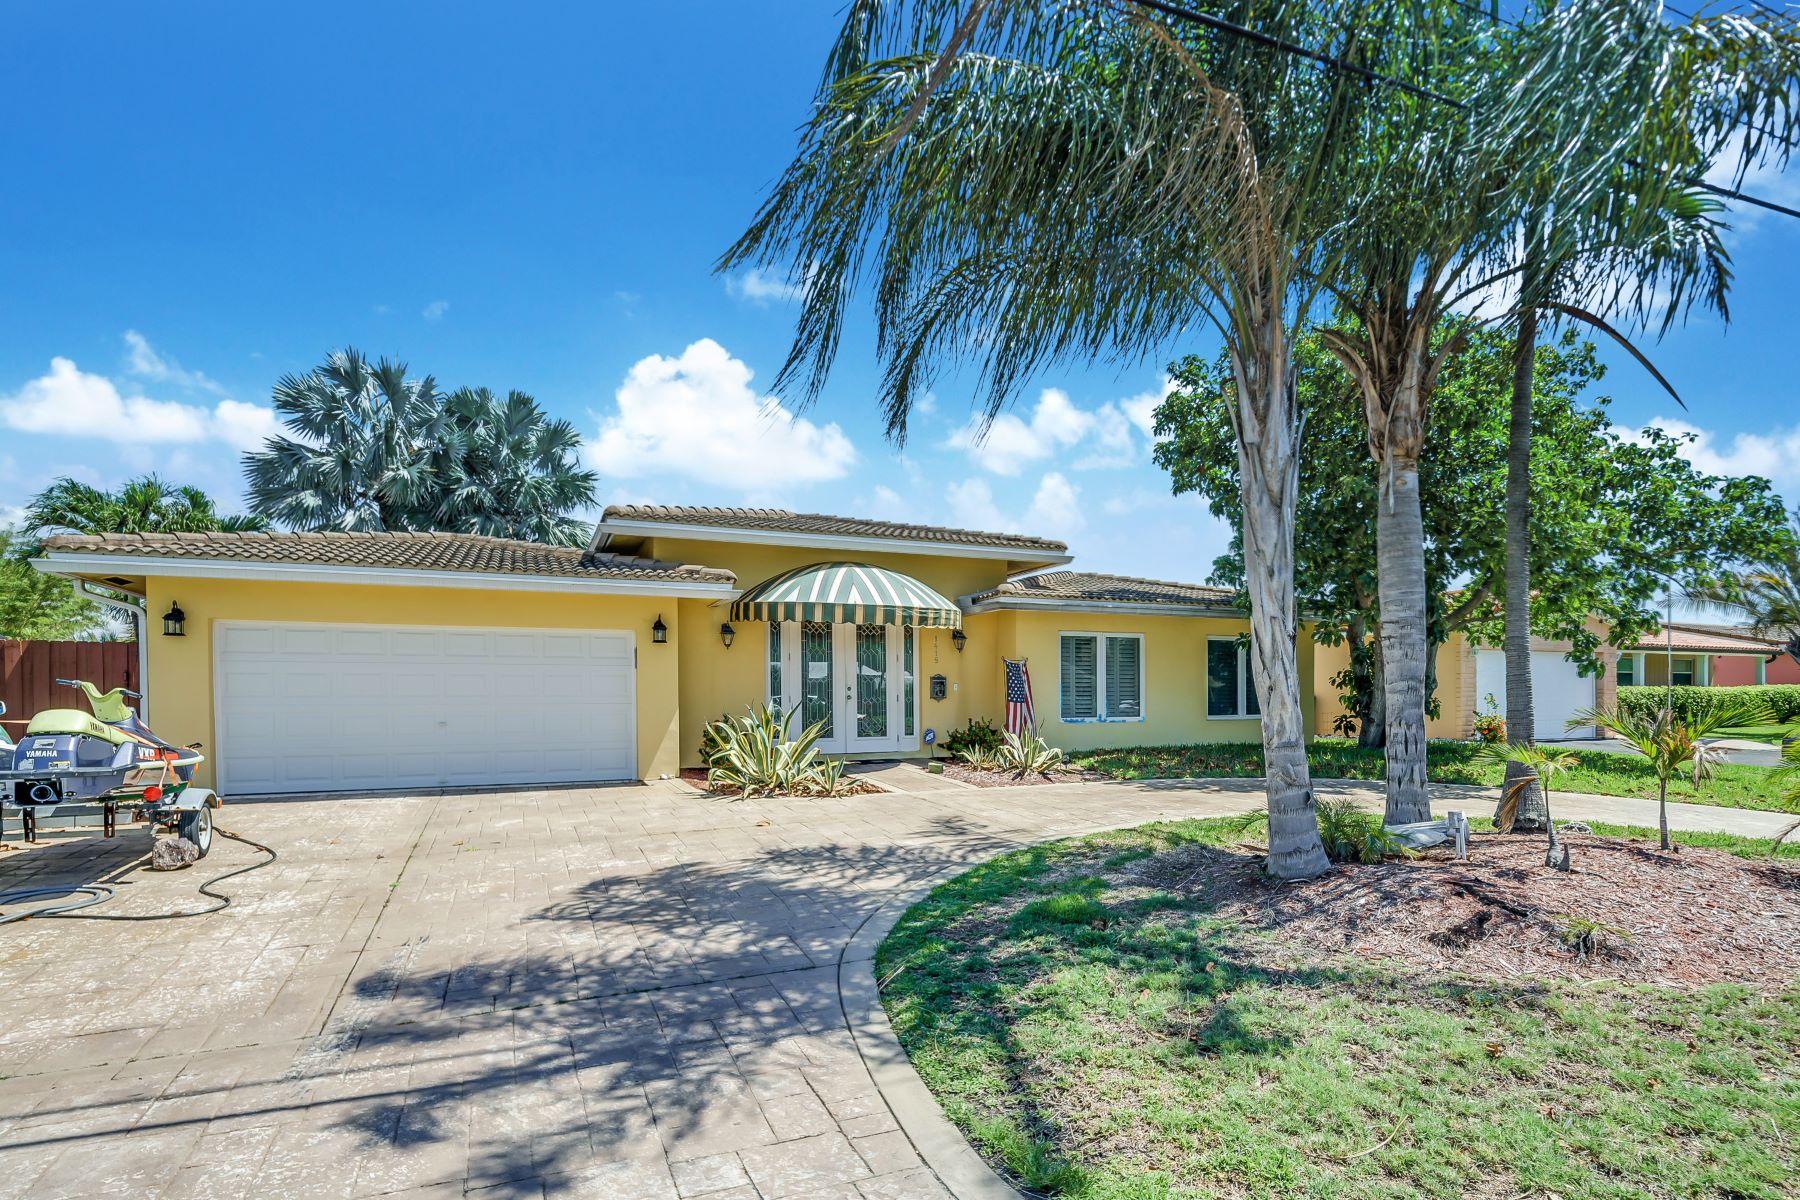 Einfamilienhaus für Verkauf beim 1419 Ne 57th St Fort Lauderdale, Florida, 33334 Vereinigte Staaten